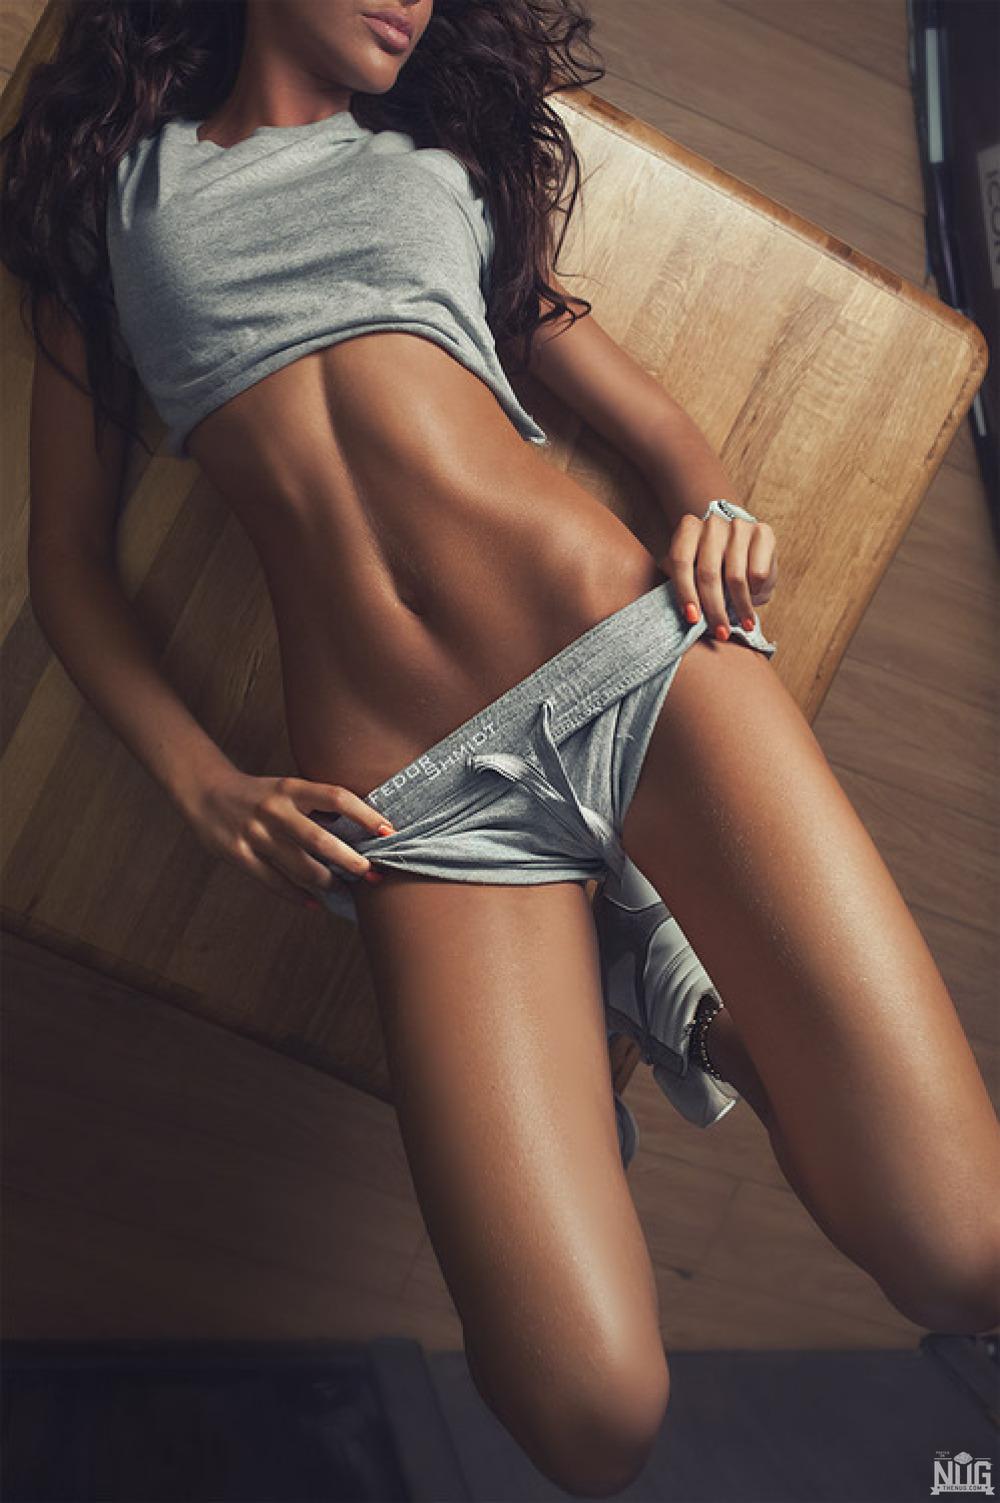 femme du 03 sexy en lingerie érotique